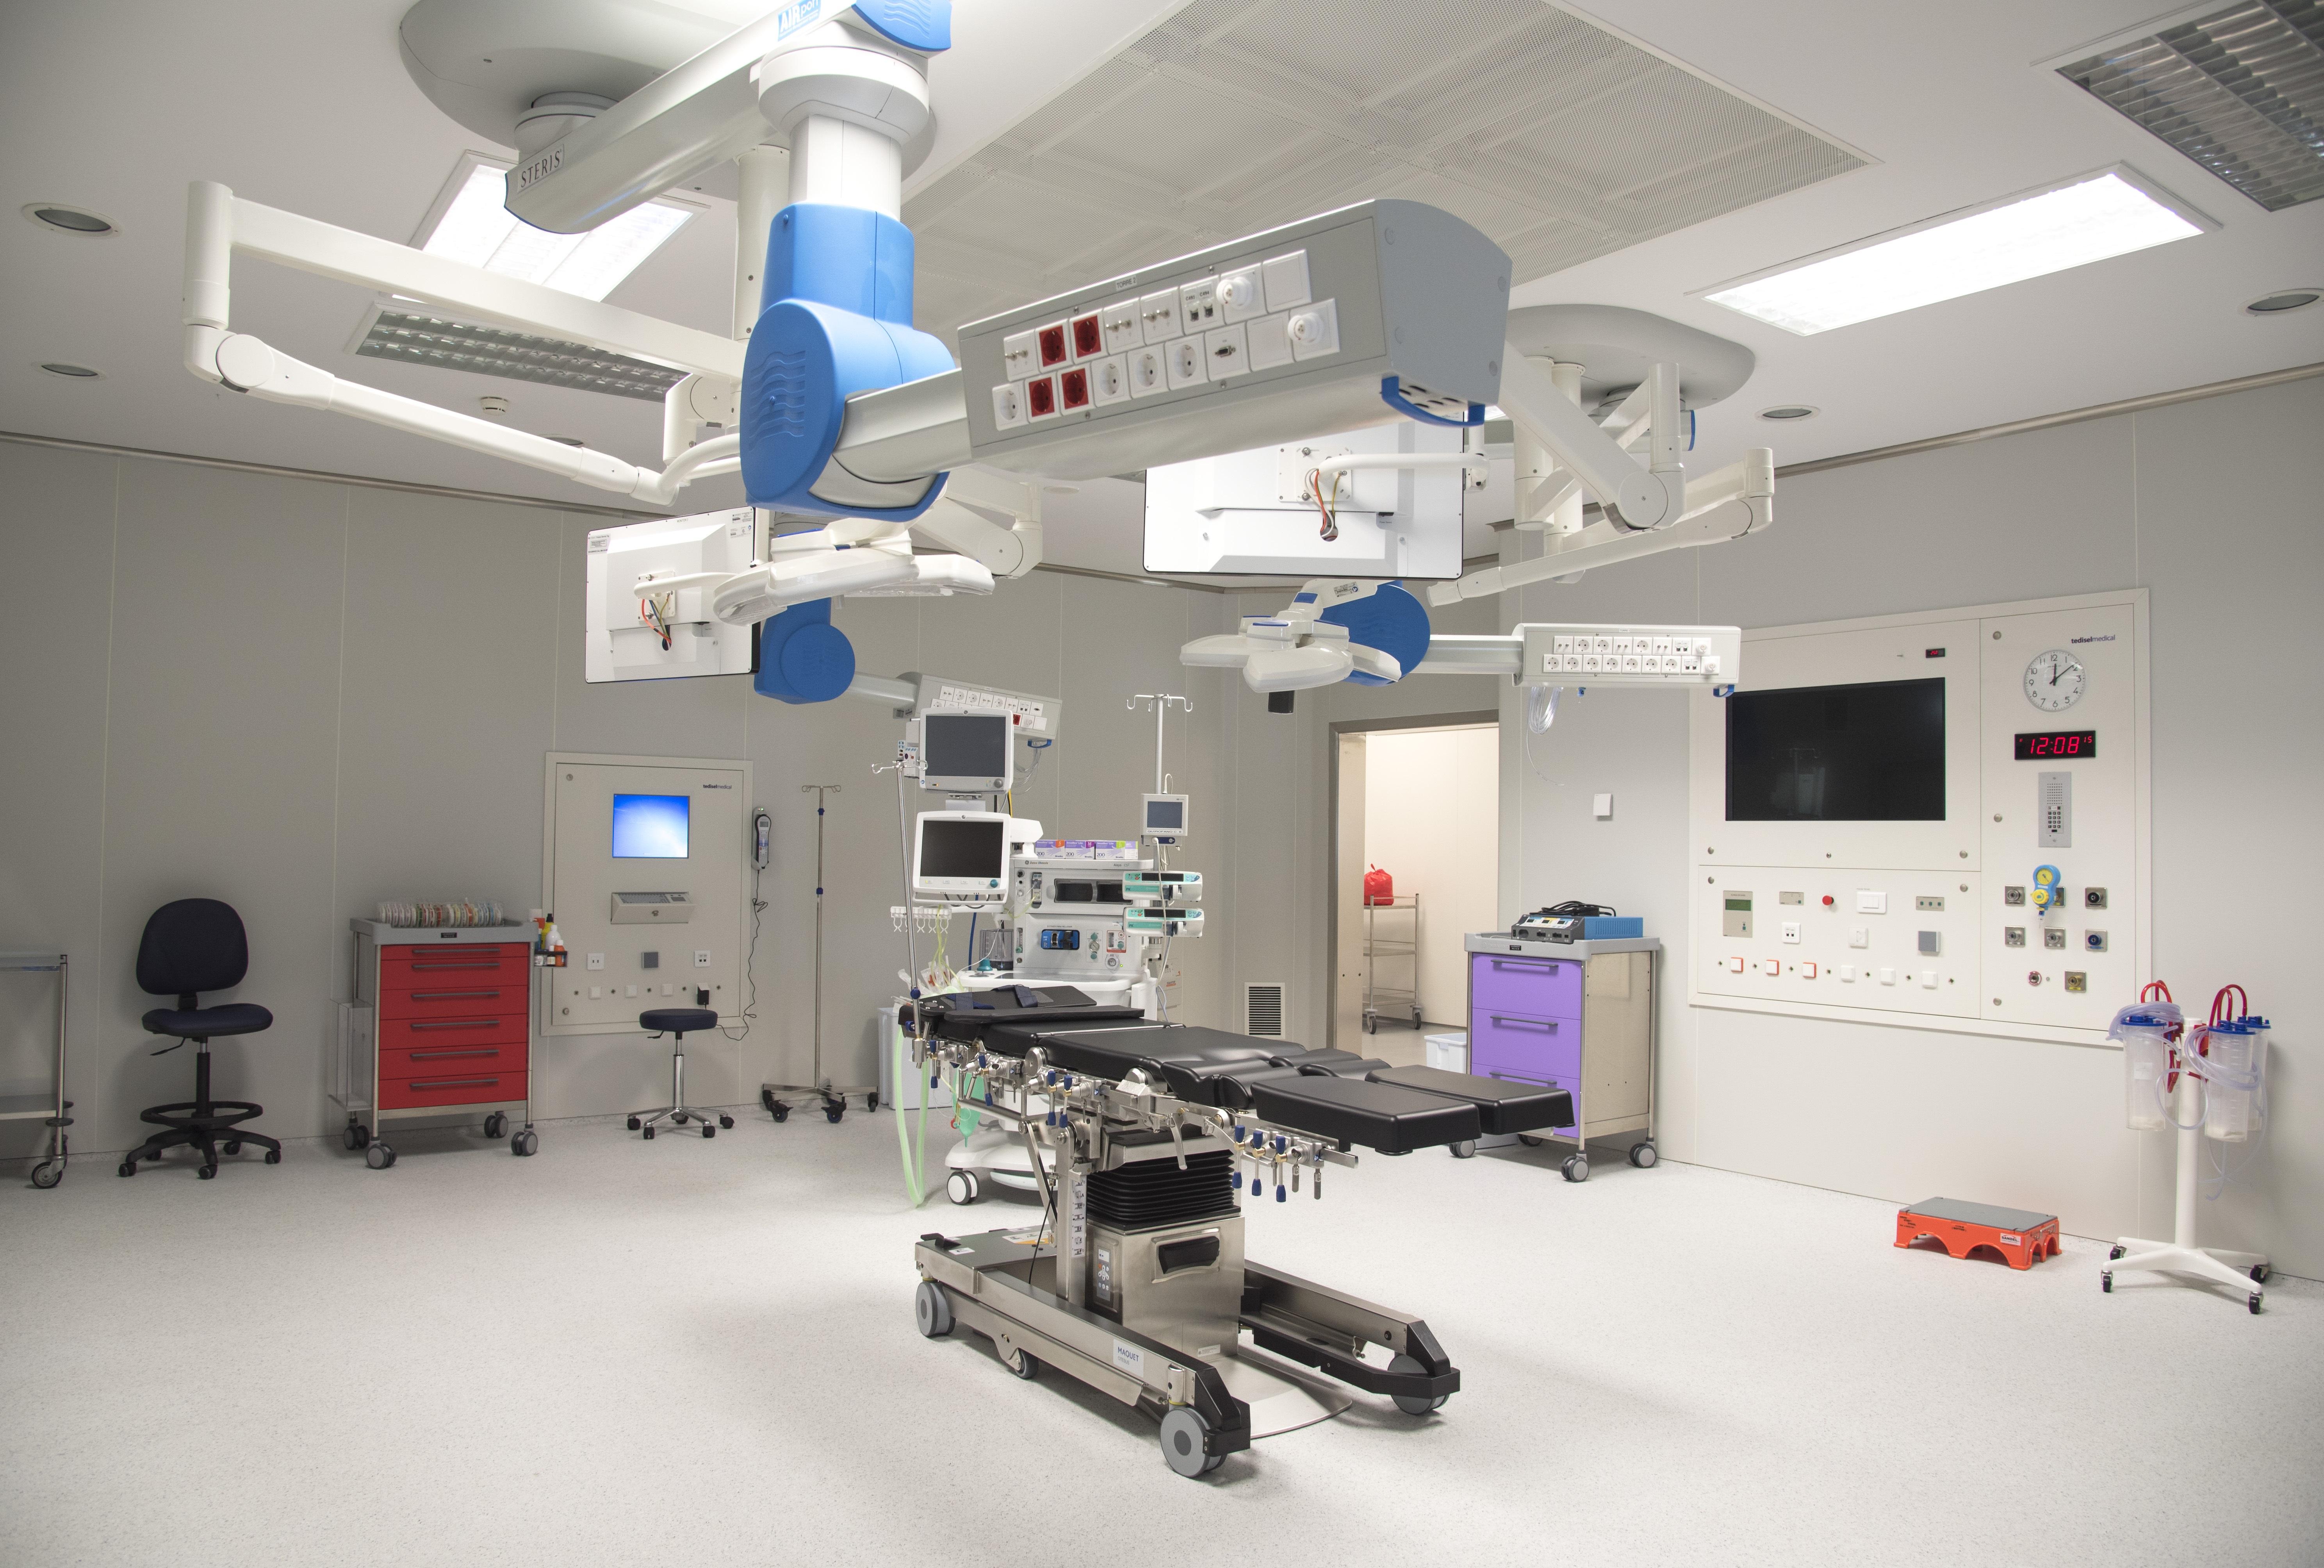 Circuito Quirurgico : El chn culmina la reorganización de su actividad quirúrgica con la